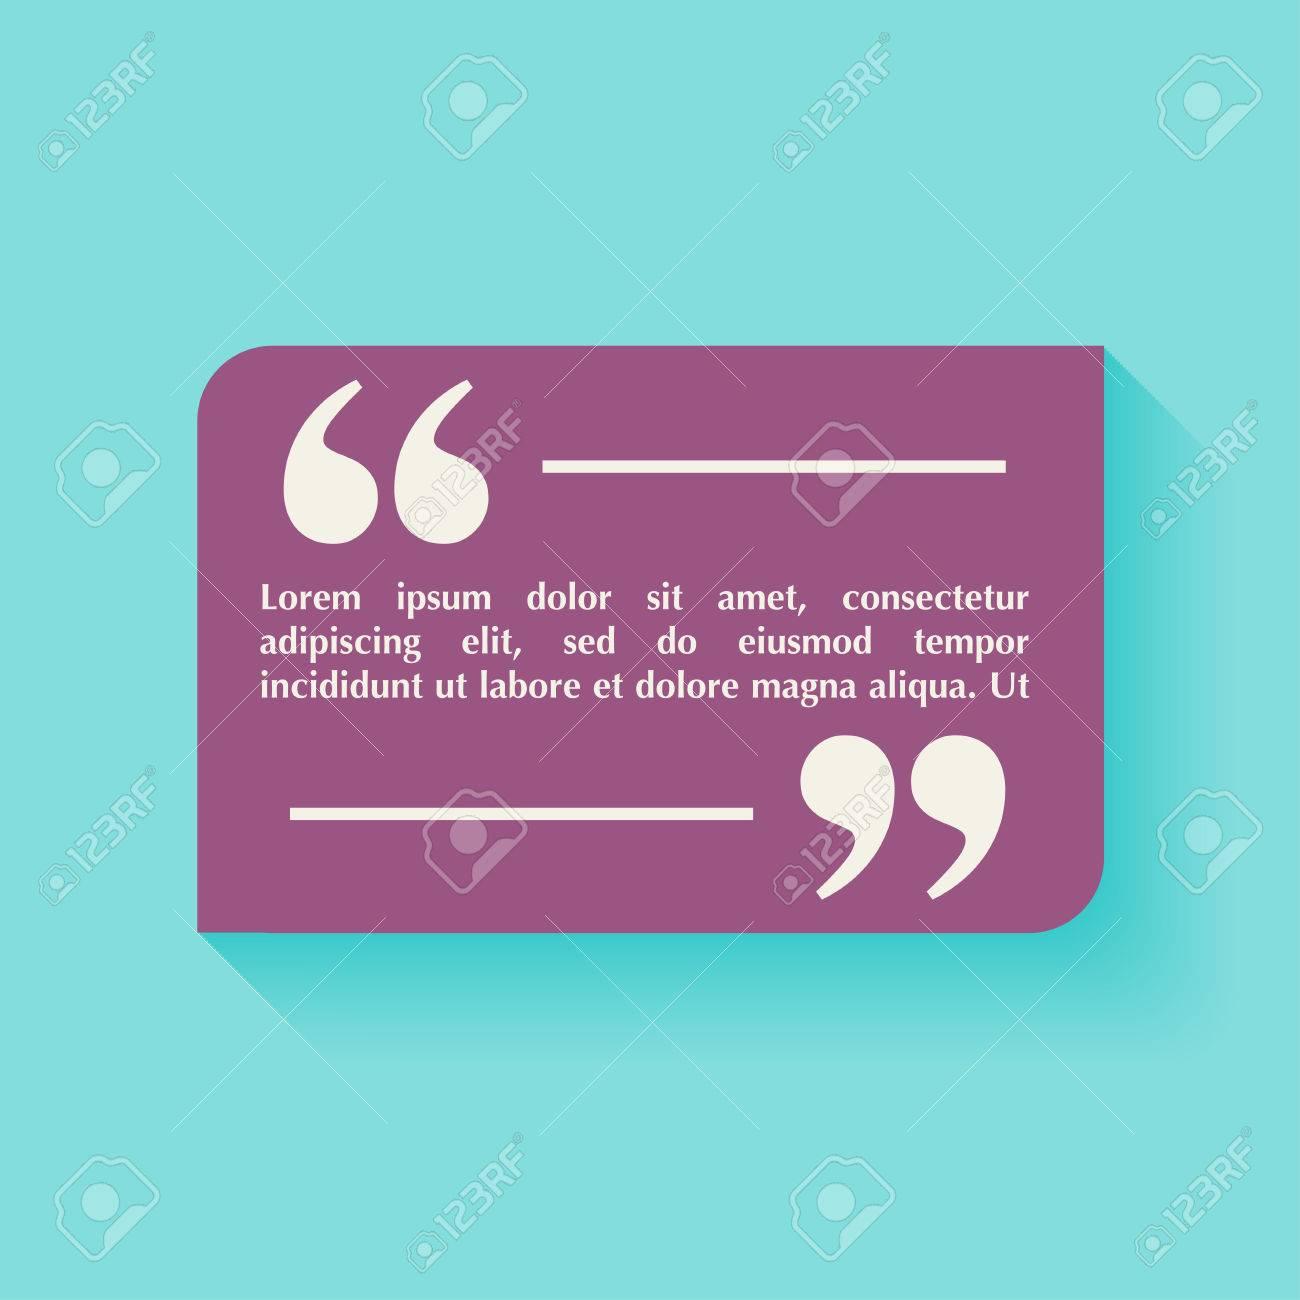 Les Lments De Conception Cercle Modle Carte Visite Feuille Papier Linformation Le Texte Devis Pour Votre